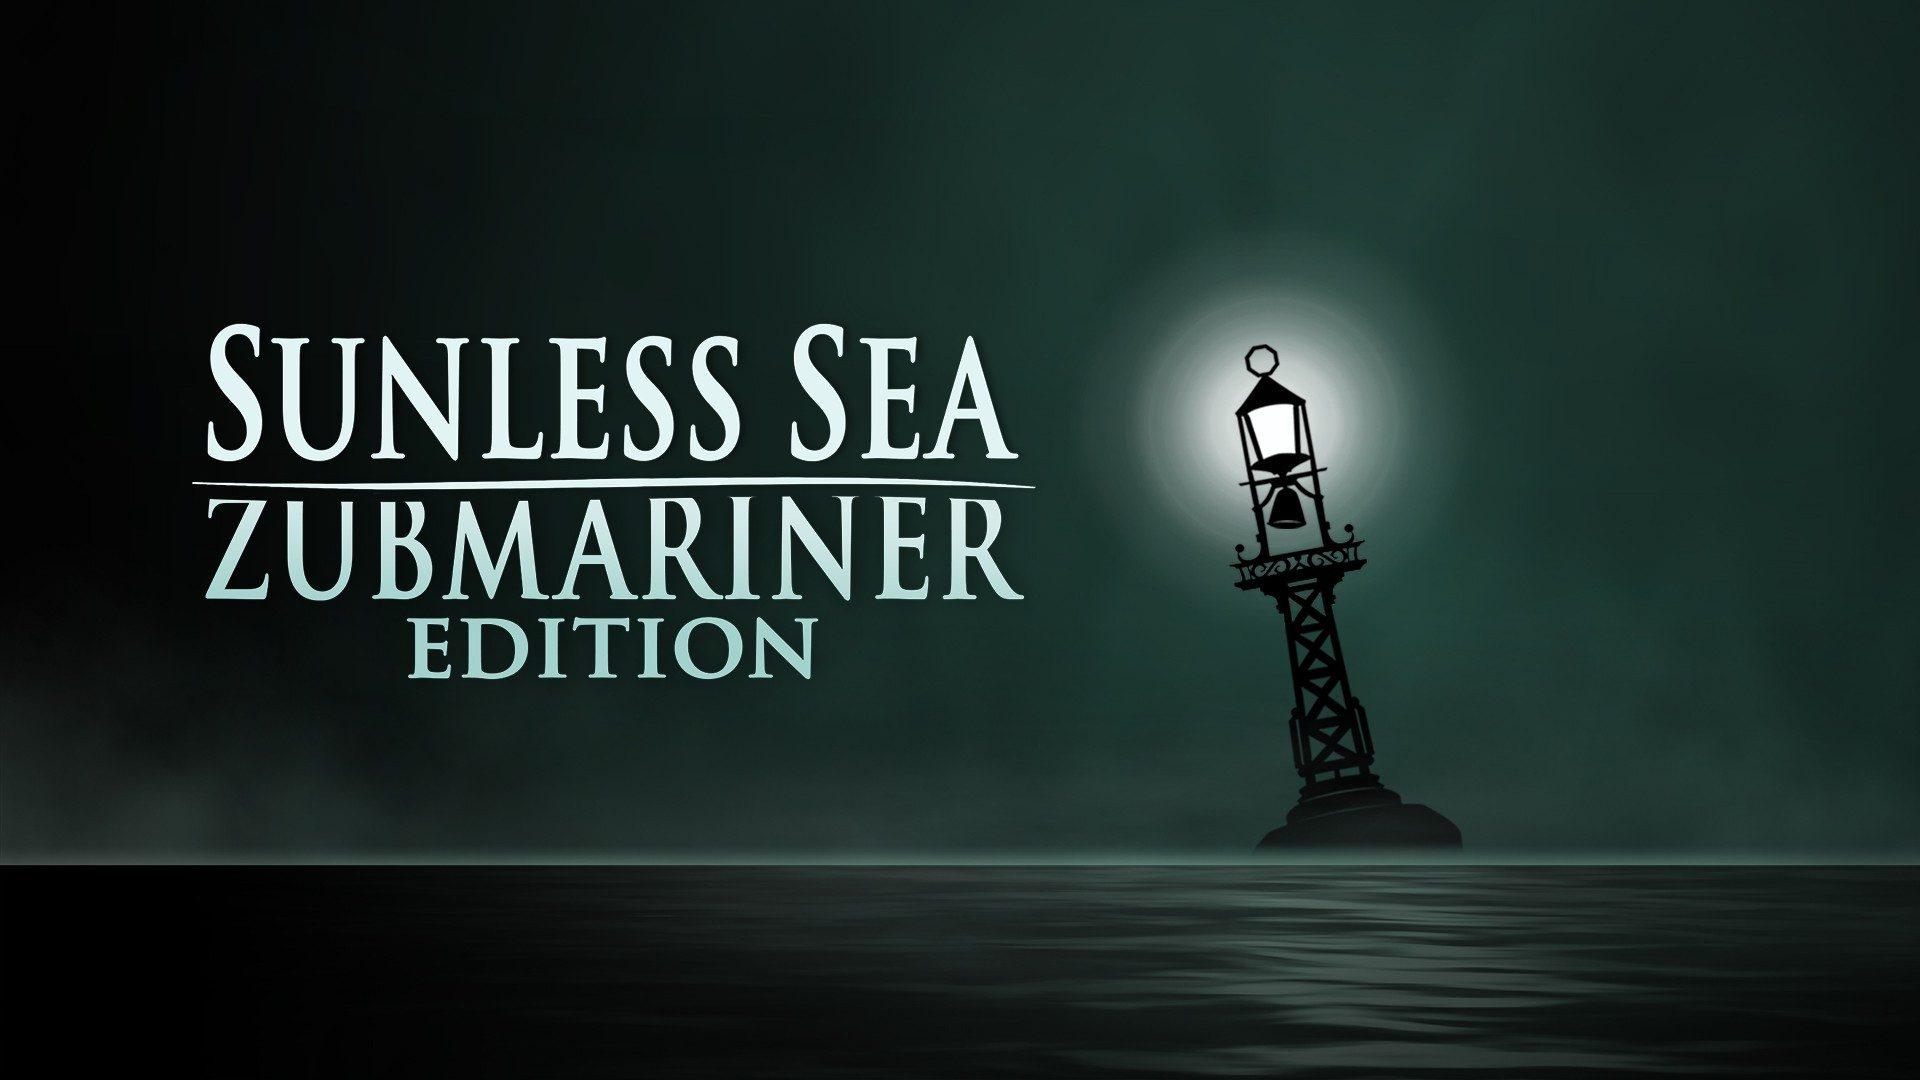 Sunless Sea: Zubmariner Edition - Dicas de sobrevivência para novos capitães-zee